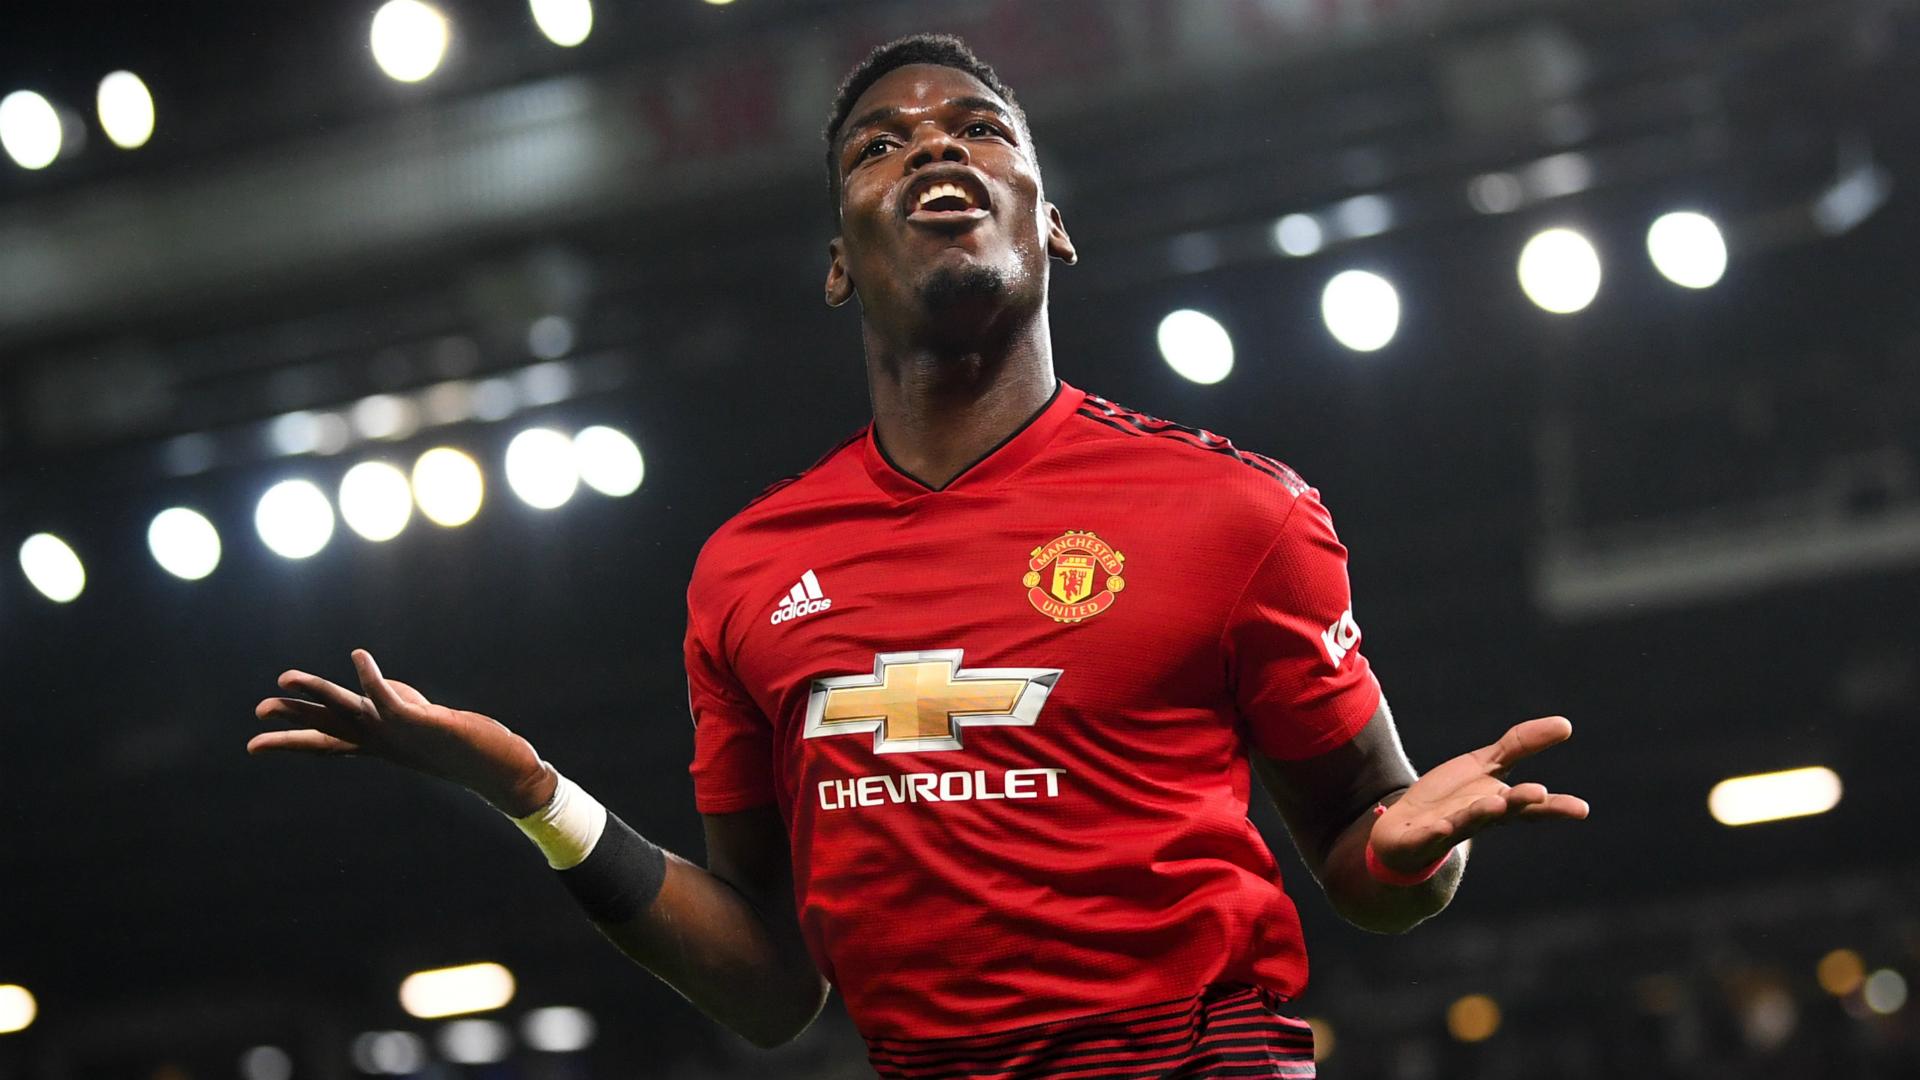 Man Utd must make this January transfer to help Paul Pogba - Sky Sports pundit - Bóng Đá